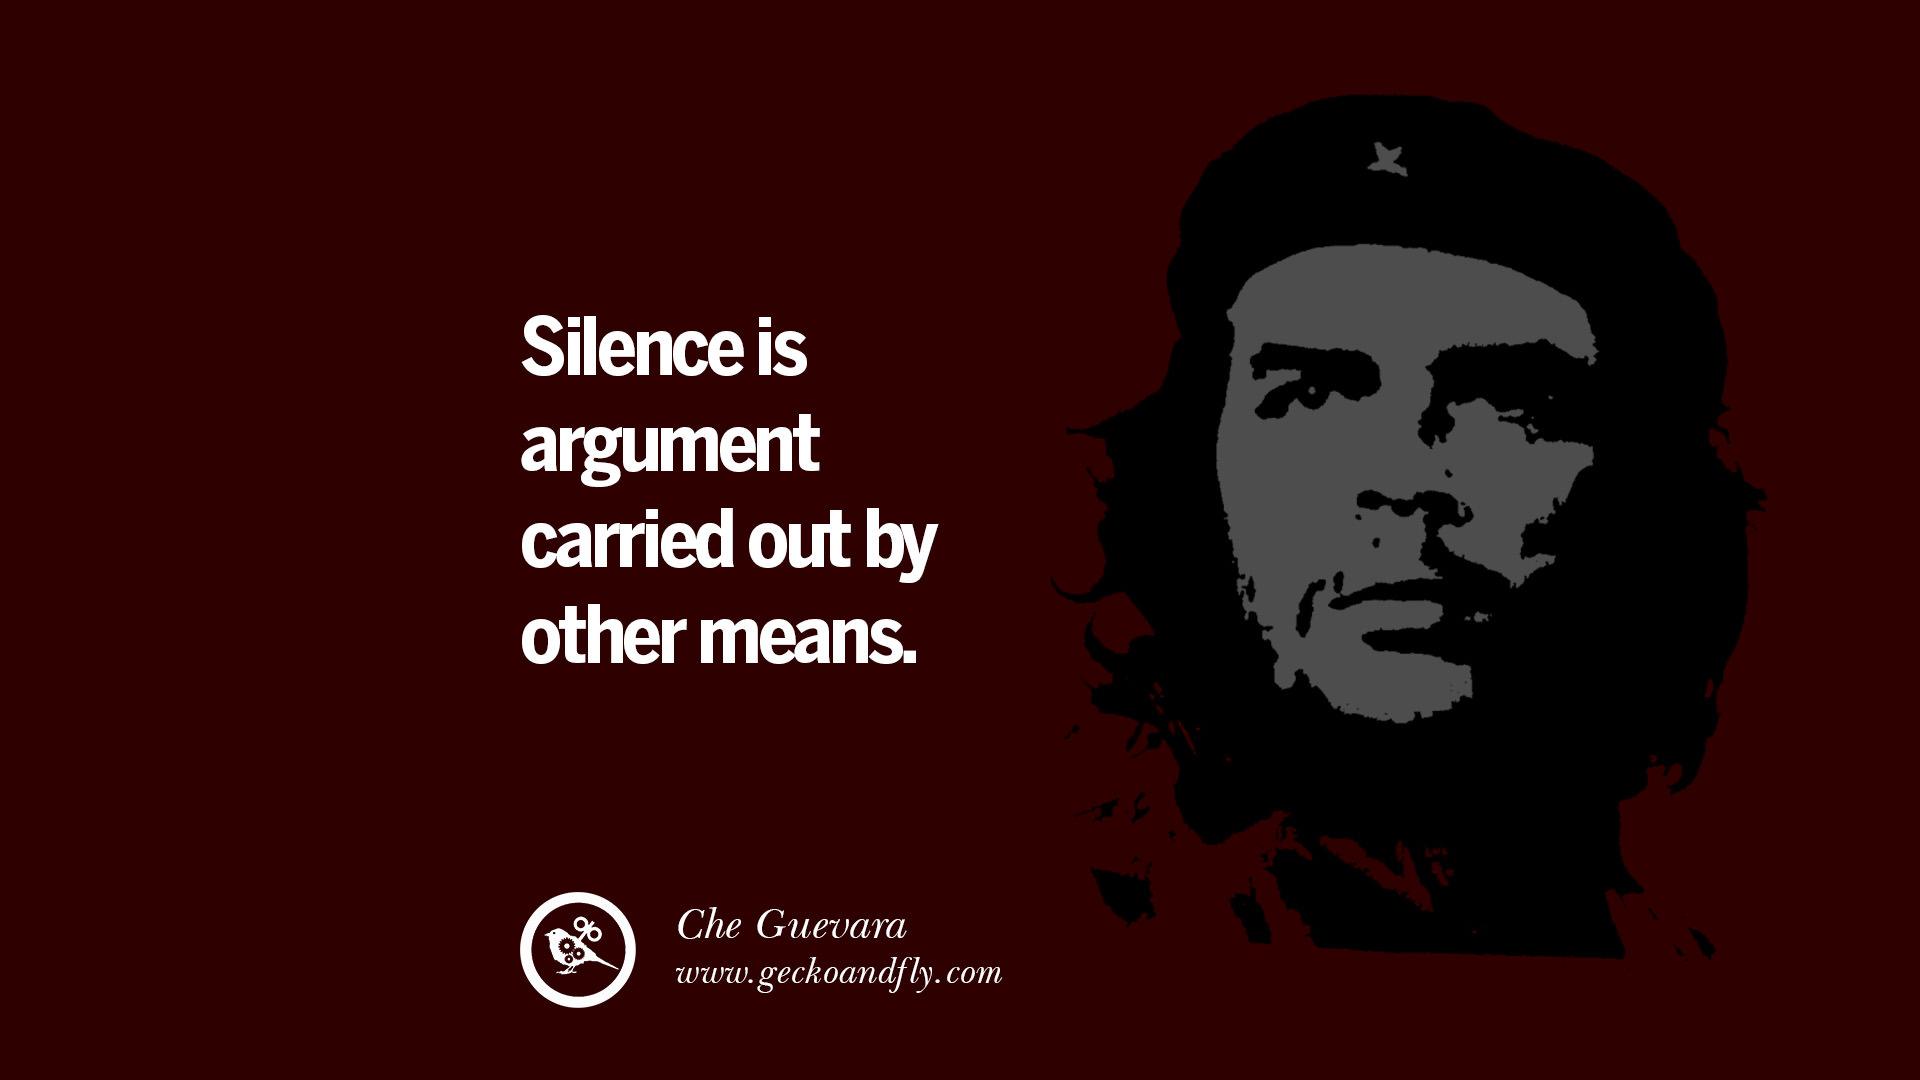 K Che Inspiration 15 quotes by fidel castro and ernesto che guevara